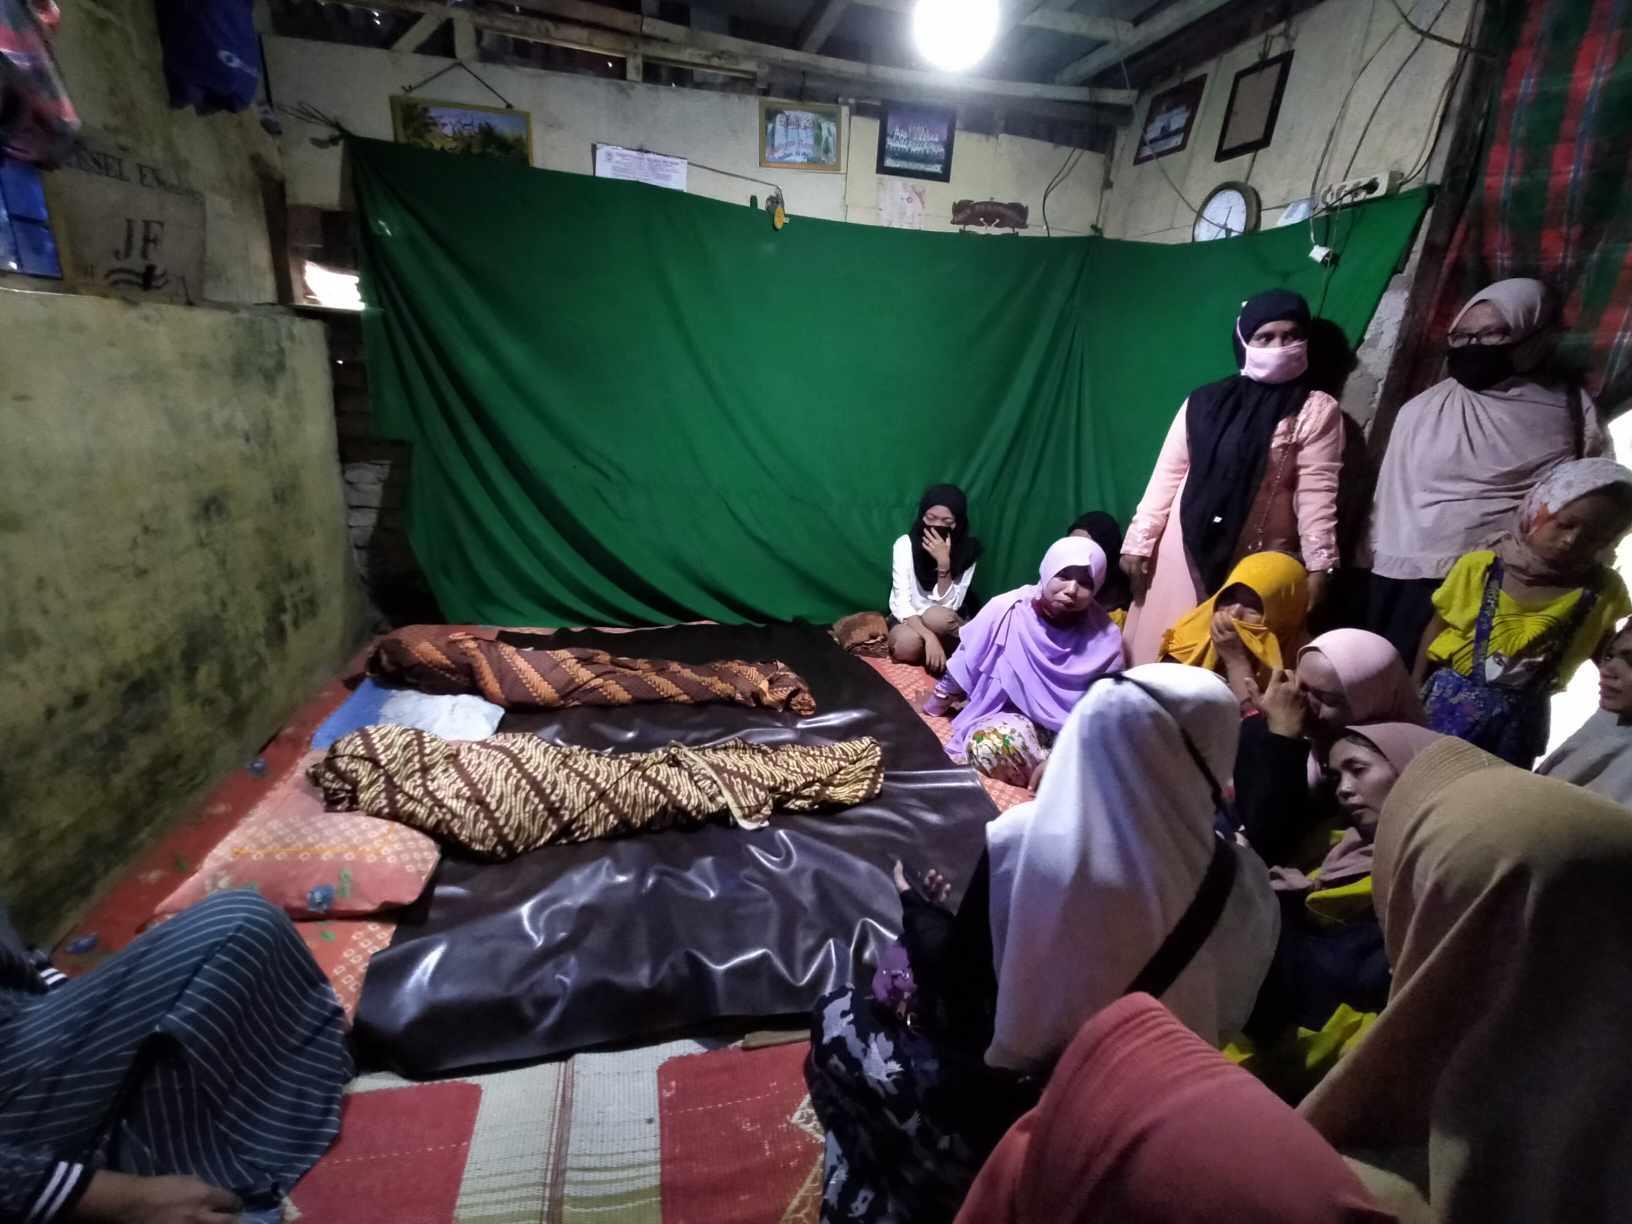 Tangis Haru Warnai Kedatangan Jenazah 2 Bocah di Rumah Duka